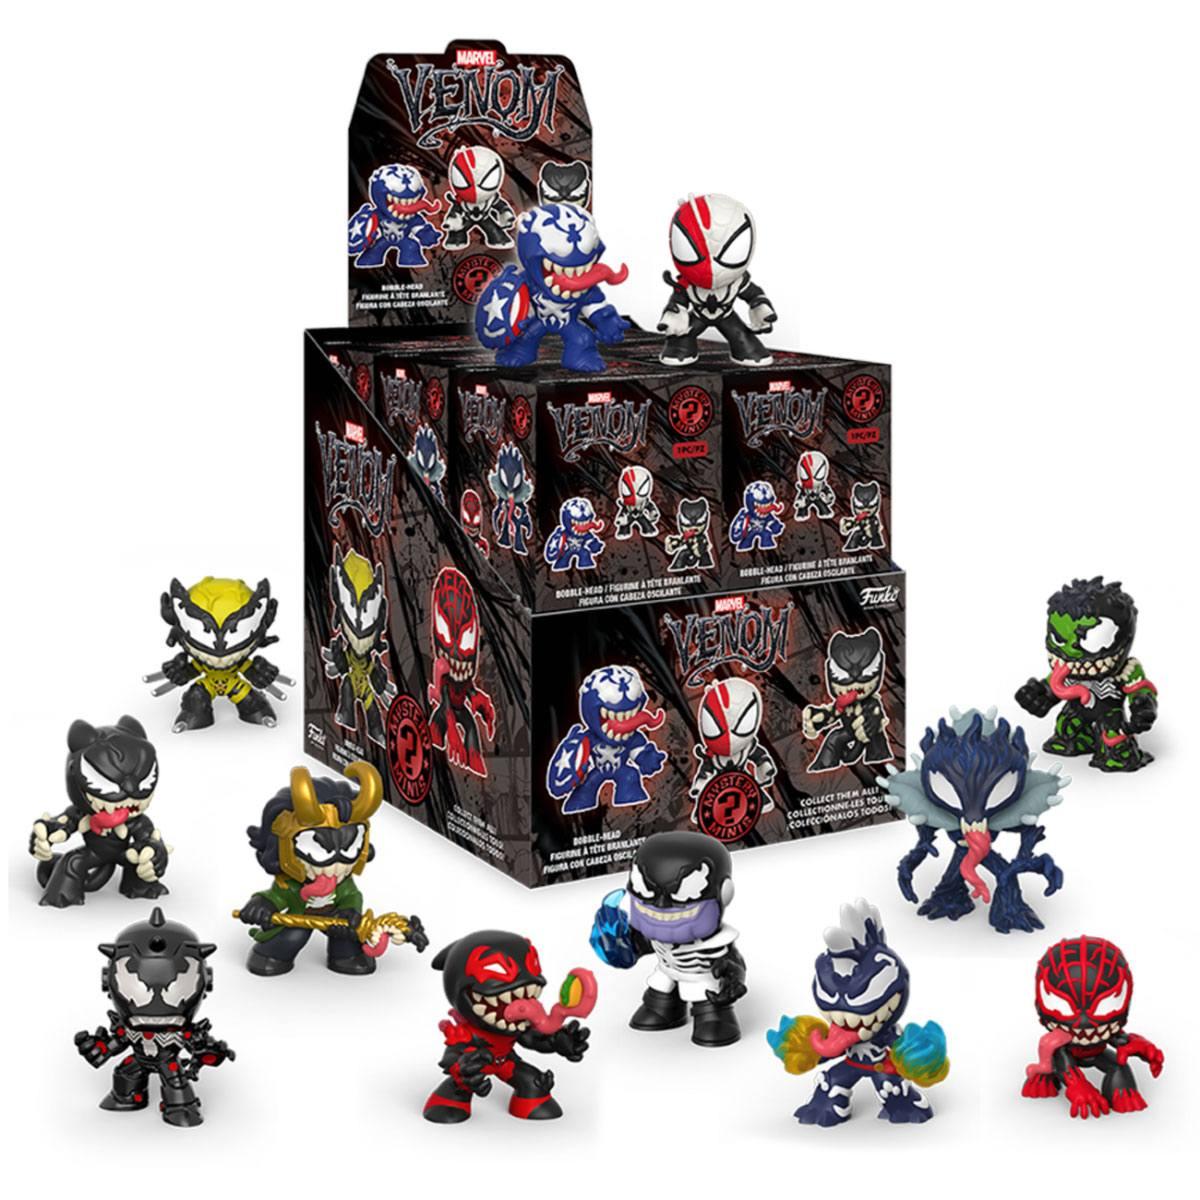 Marvel Venom Mystery Minis Vinyl Mini Figures 6 cm Display (12)